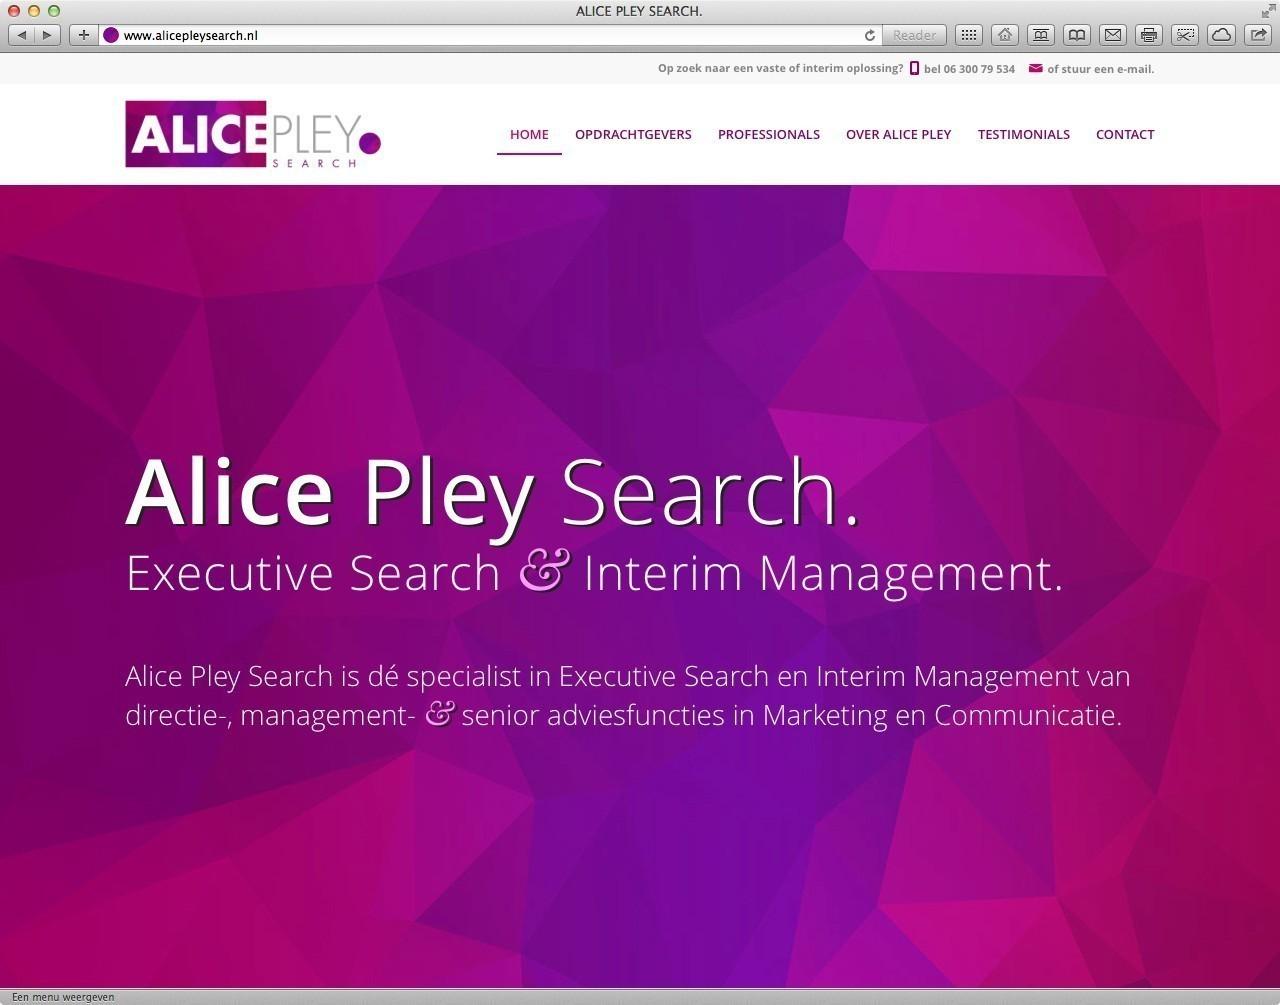 Ontwerp en bouw responsive website, integratie sociale media websites, optimalisatie voor snelheid en zoekmachines